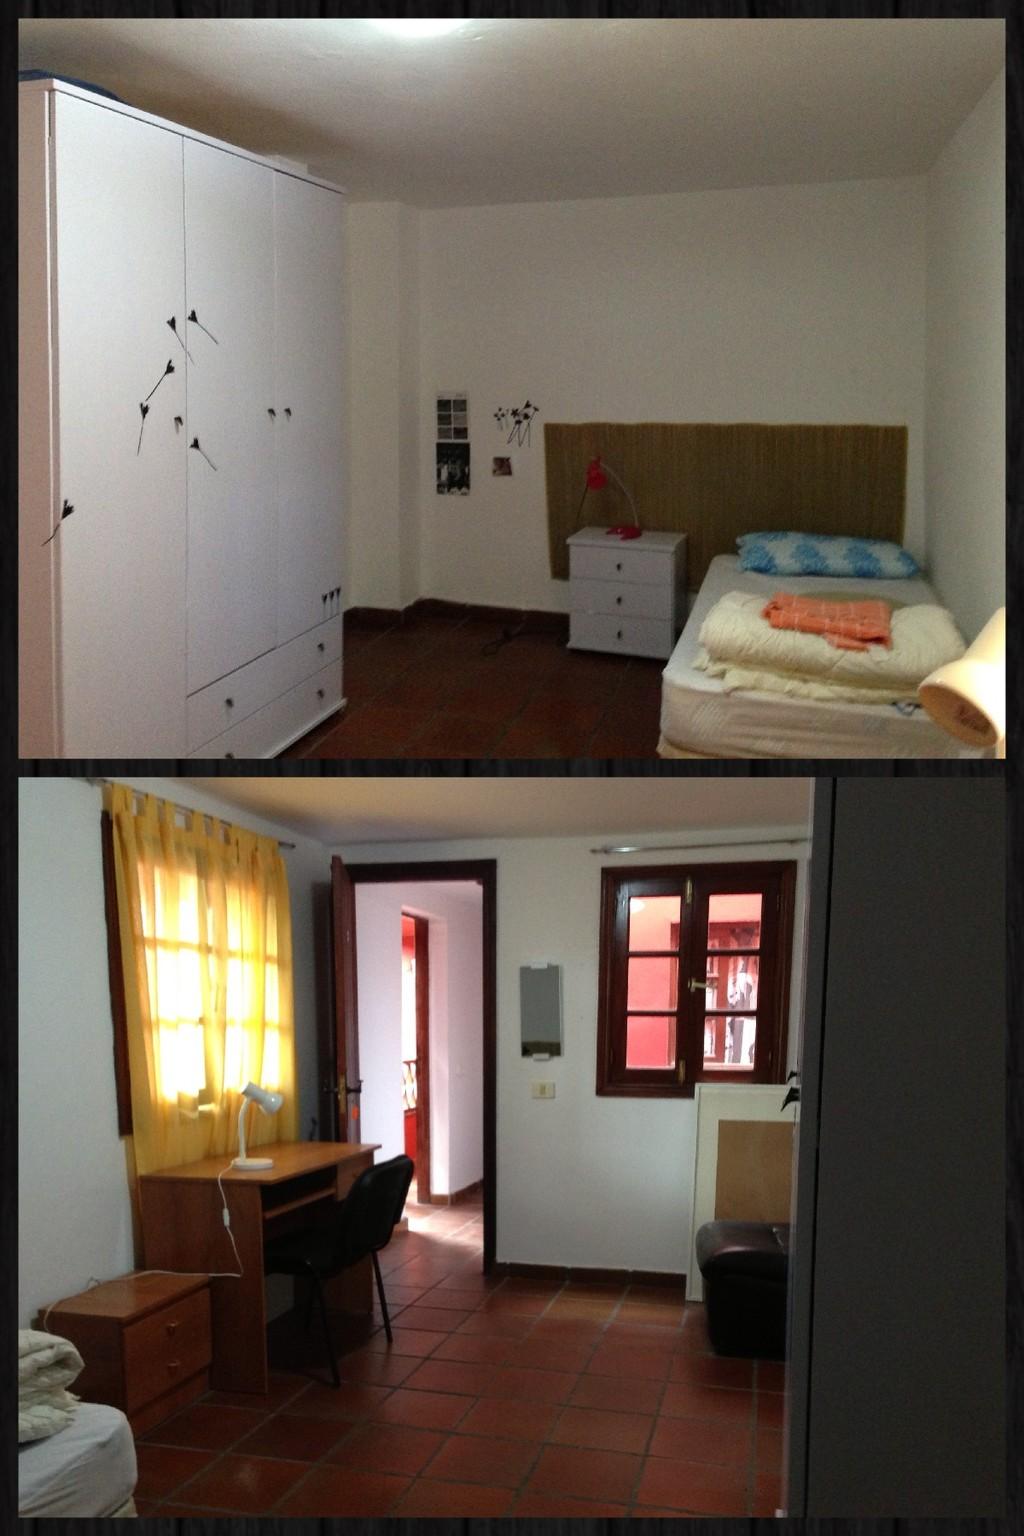 Residencia Las Palmeras  Habitaciones desde 200 Wifi telfono agua y luz incluido  Residencias universitarias Las Palmas de Gran Canaria